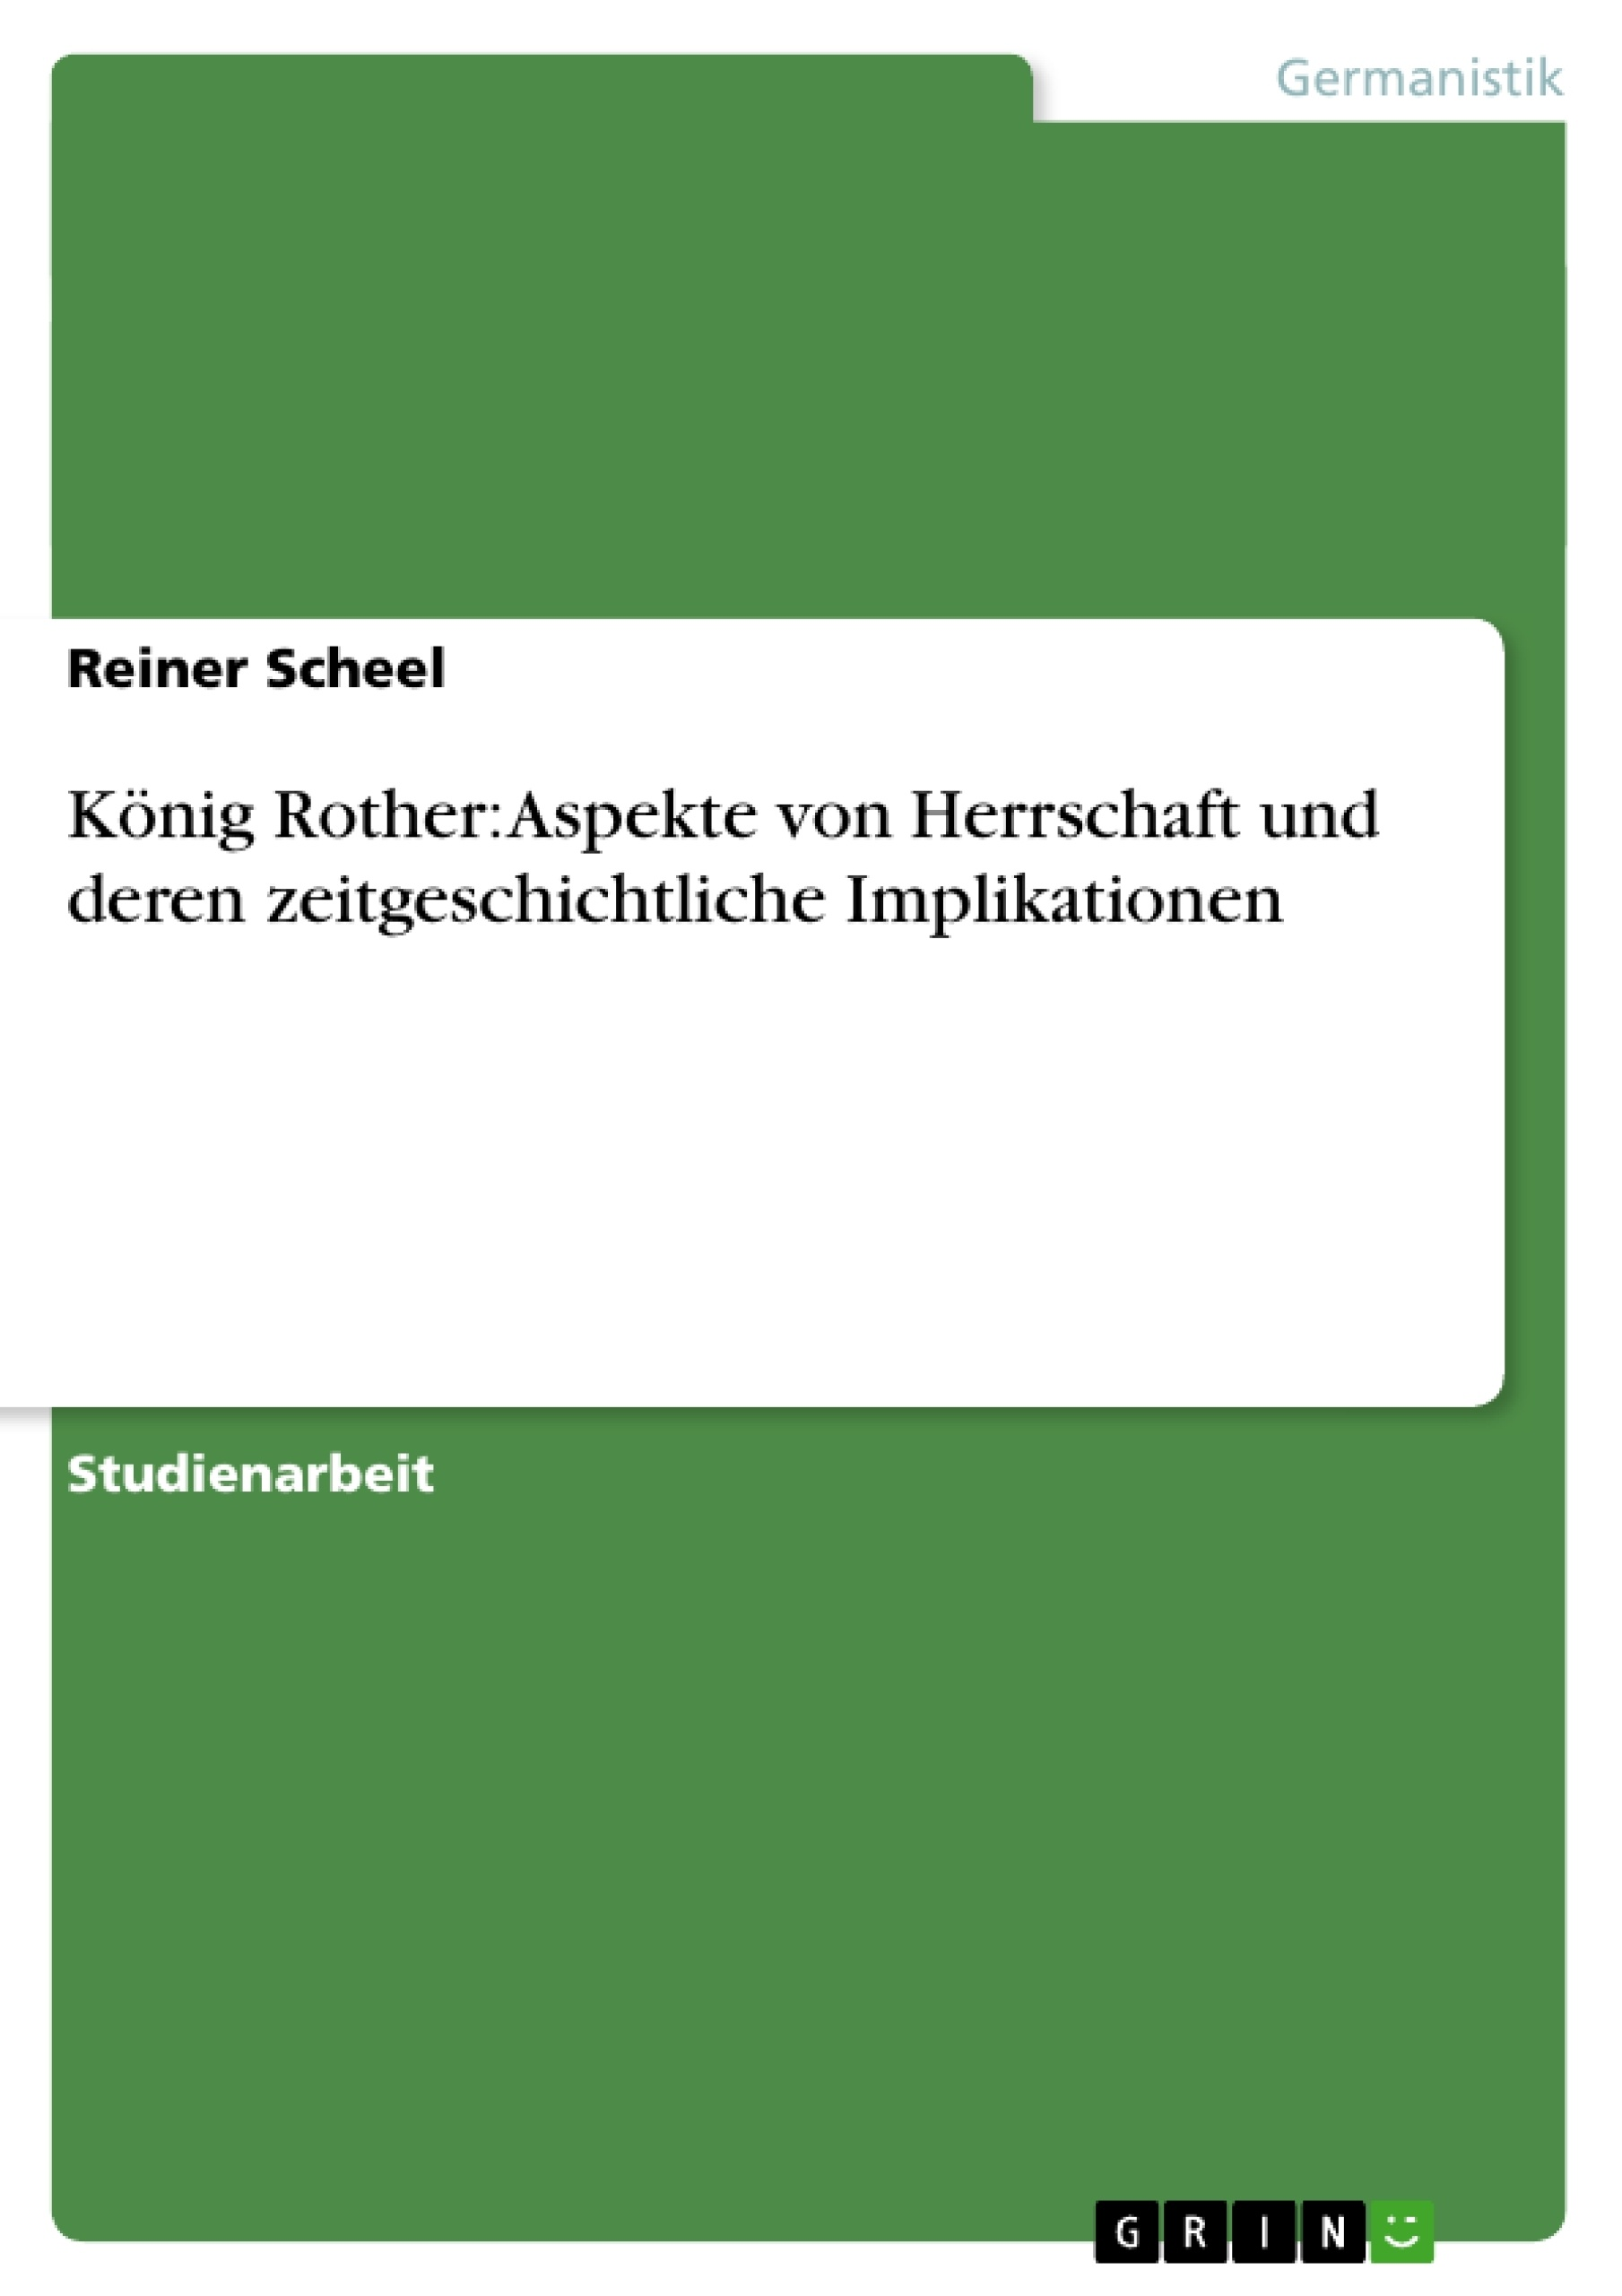 Titel: König Rother: Aspekte von Herrschaft und deren zeitgeschichtliche Implikationen